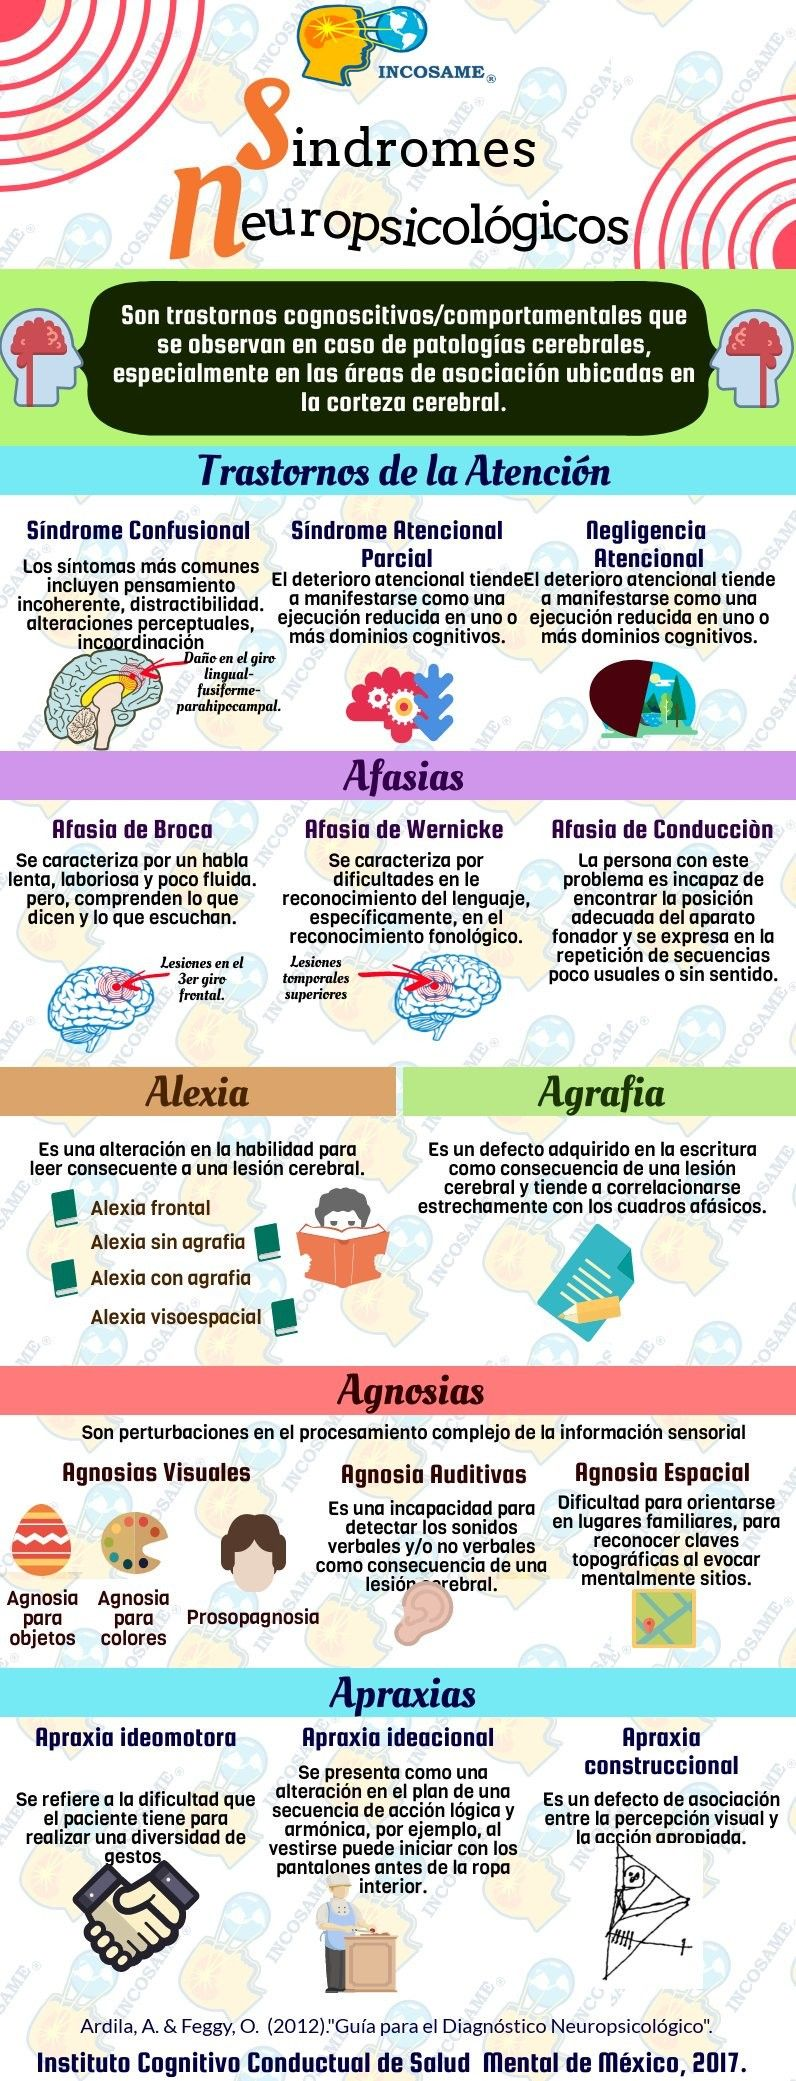 Sindromes Neuropsicologicos Psicologia Educacional Psicologia Educativa Psicologia Y Psiquiatria